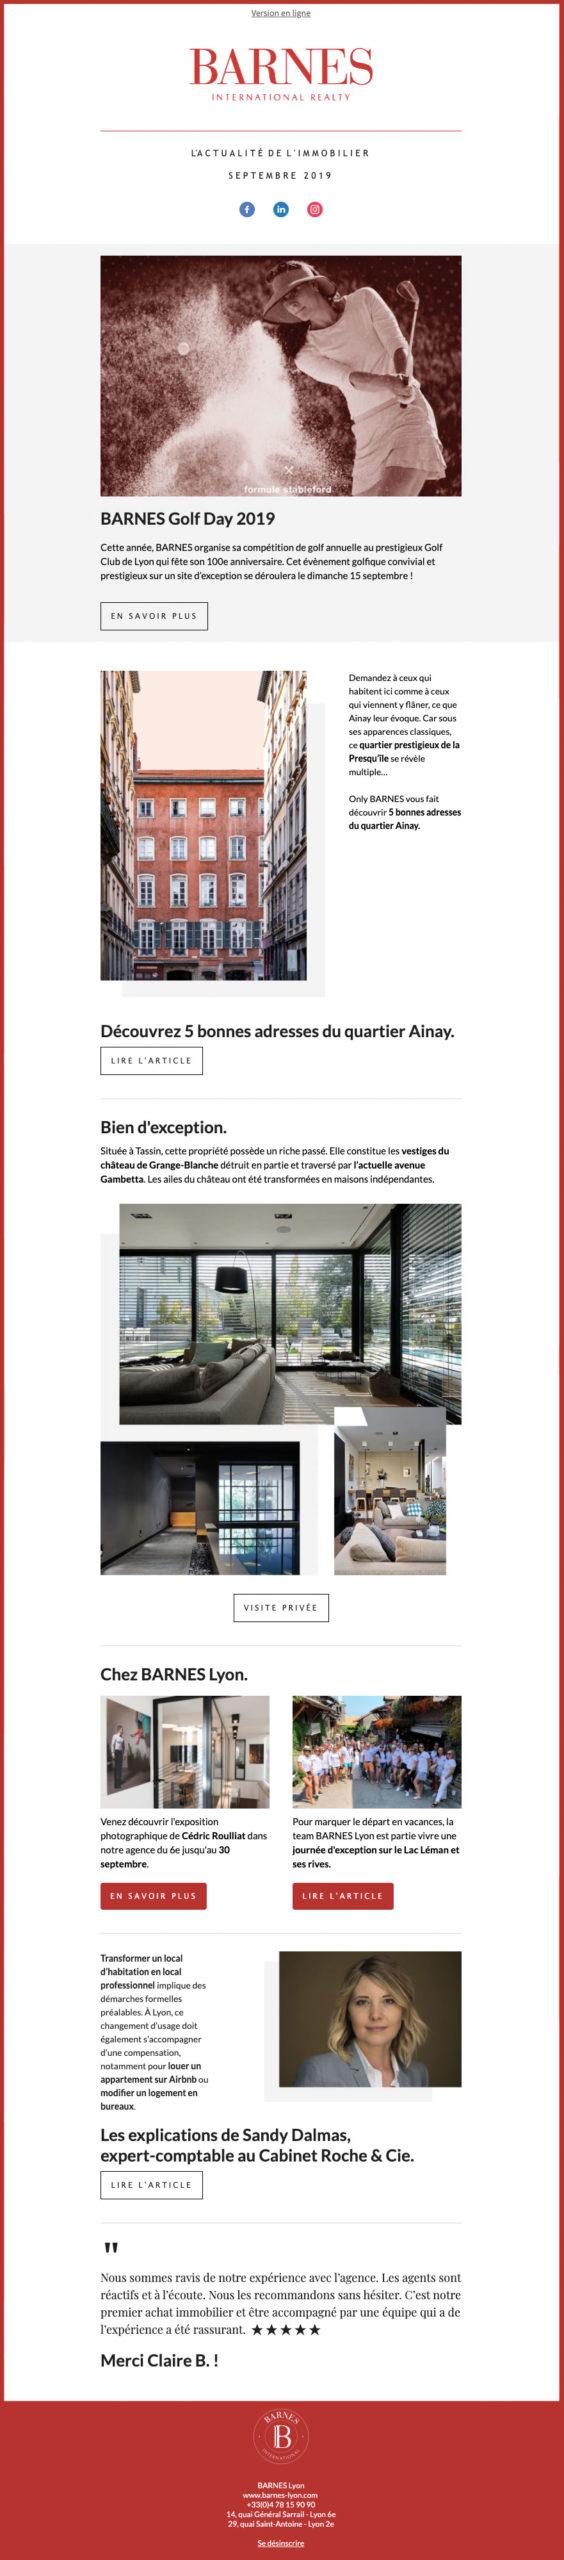 Exemple de la réalisation d'une newsletter pour BARNES Lyon